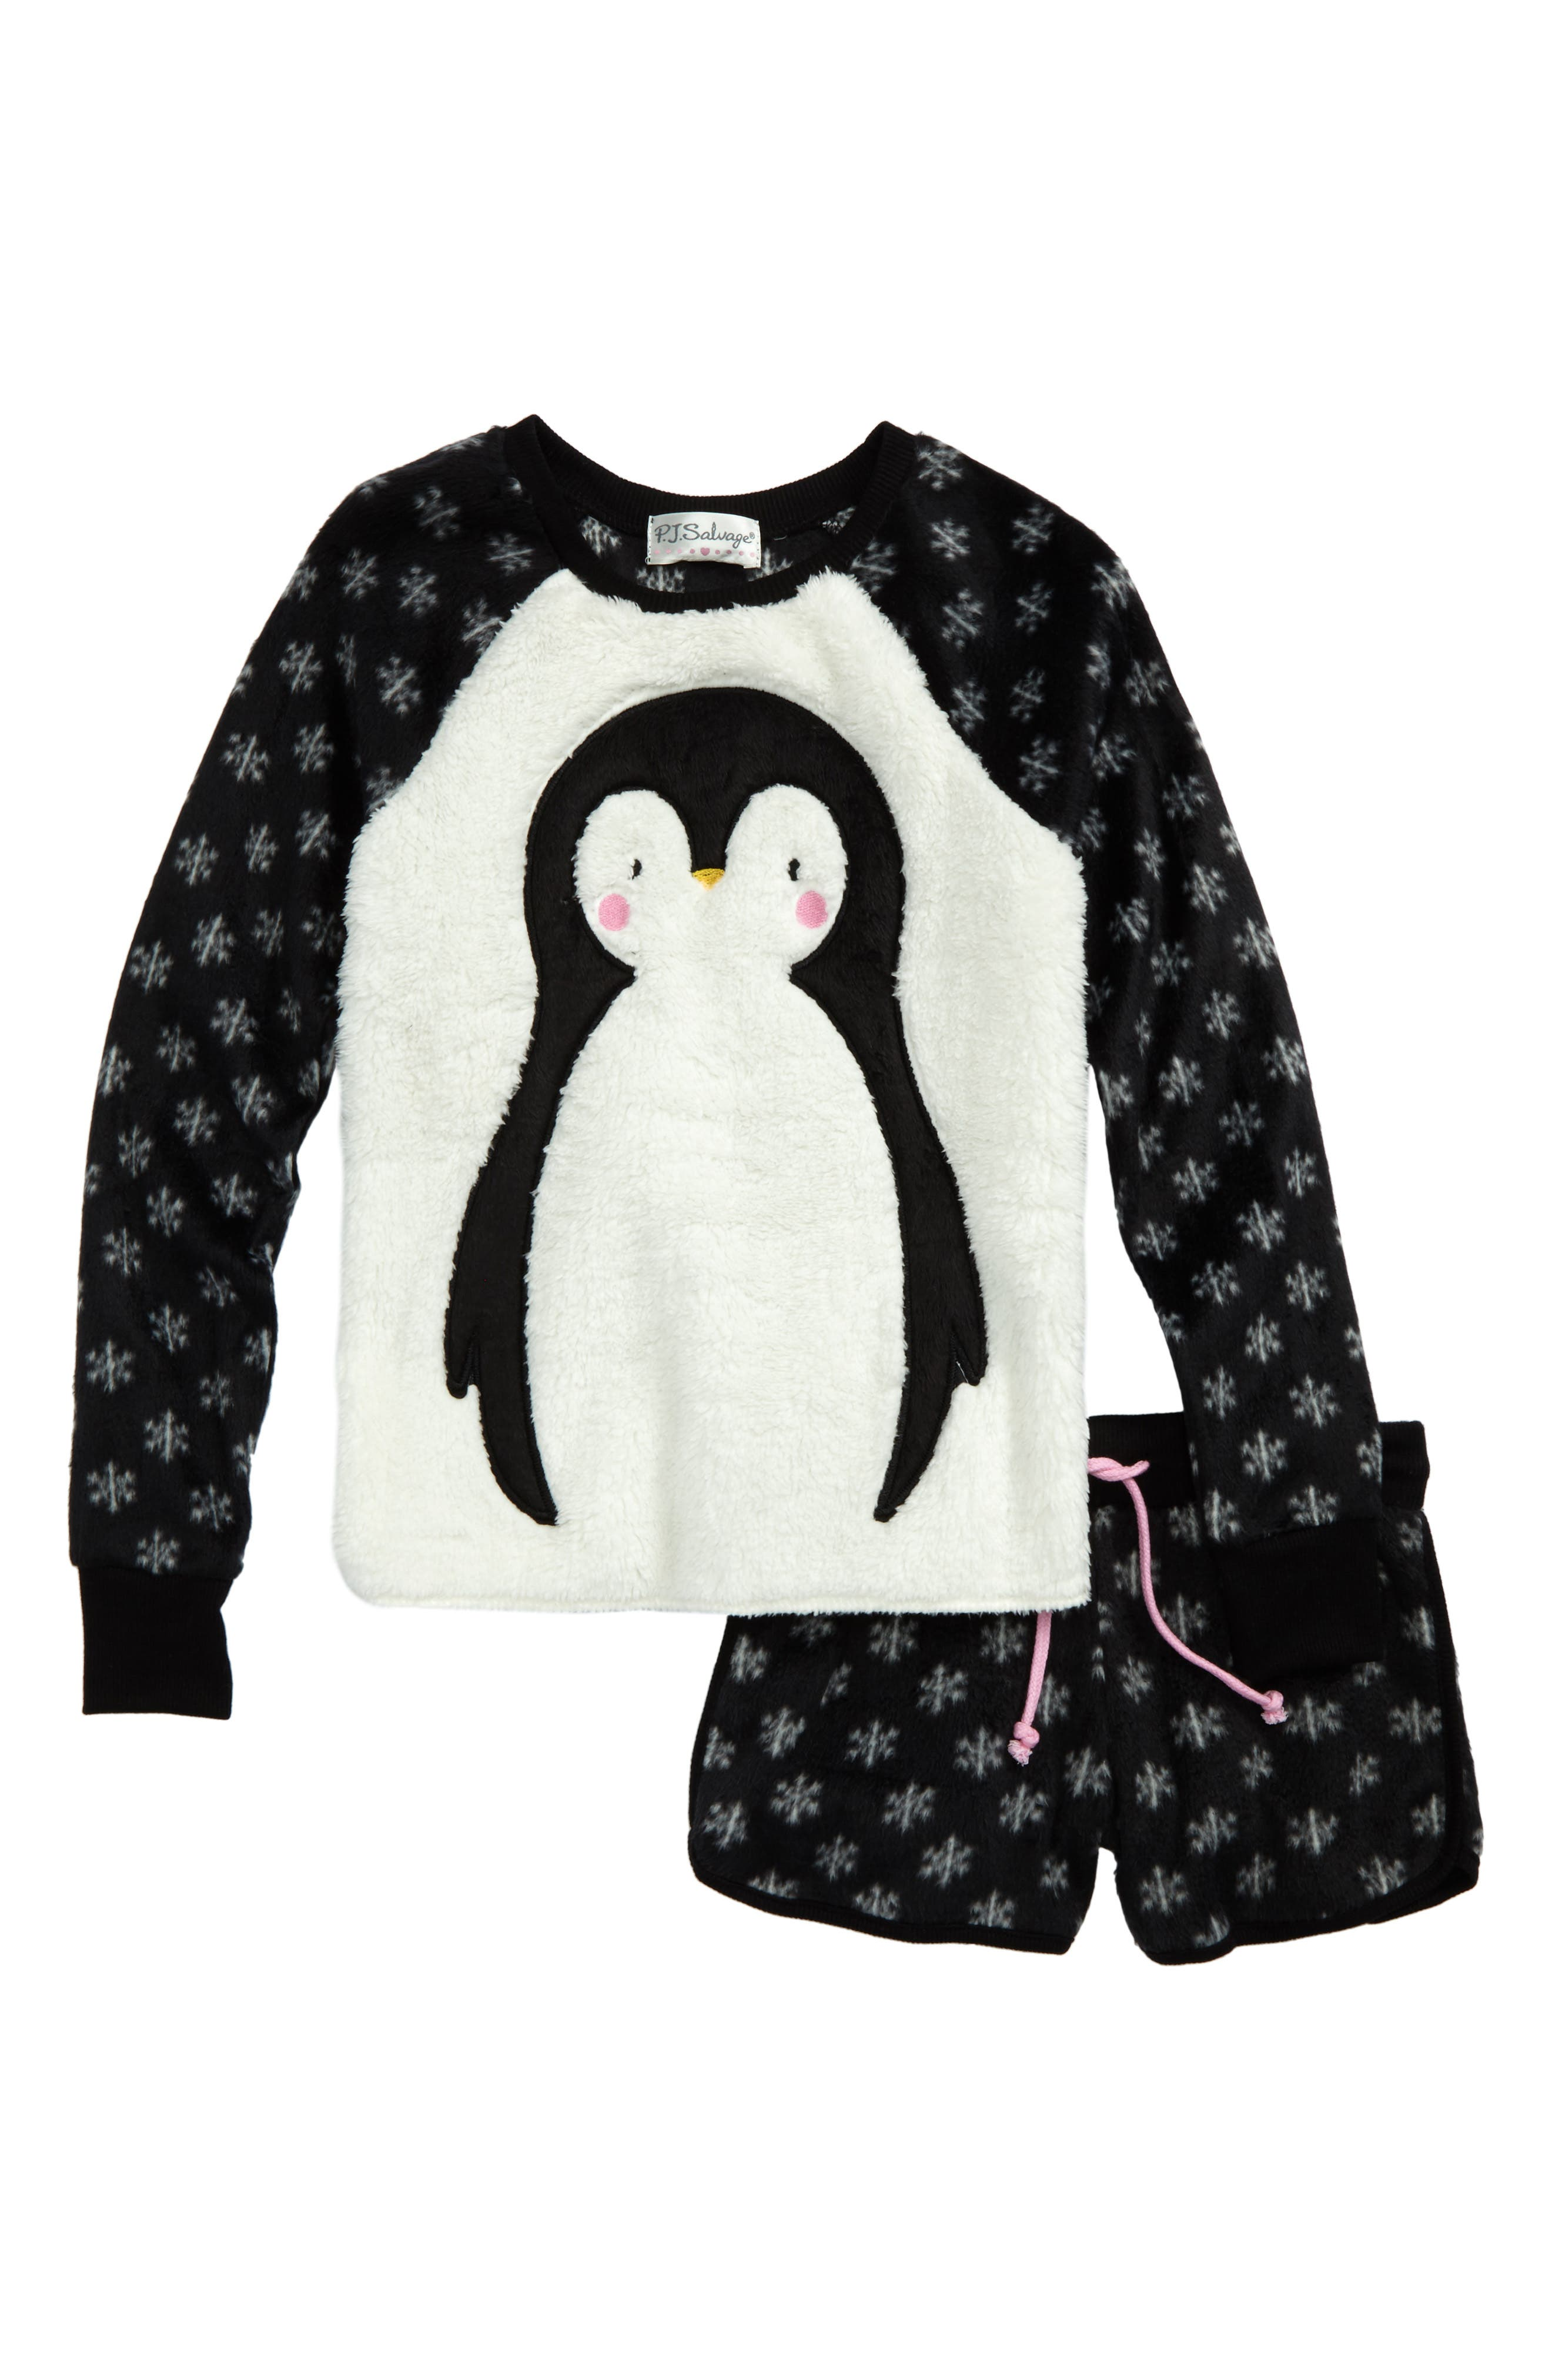 PJ SALVAGE Appliqué Two-Piece Pajamas, Main, color, 001